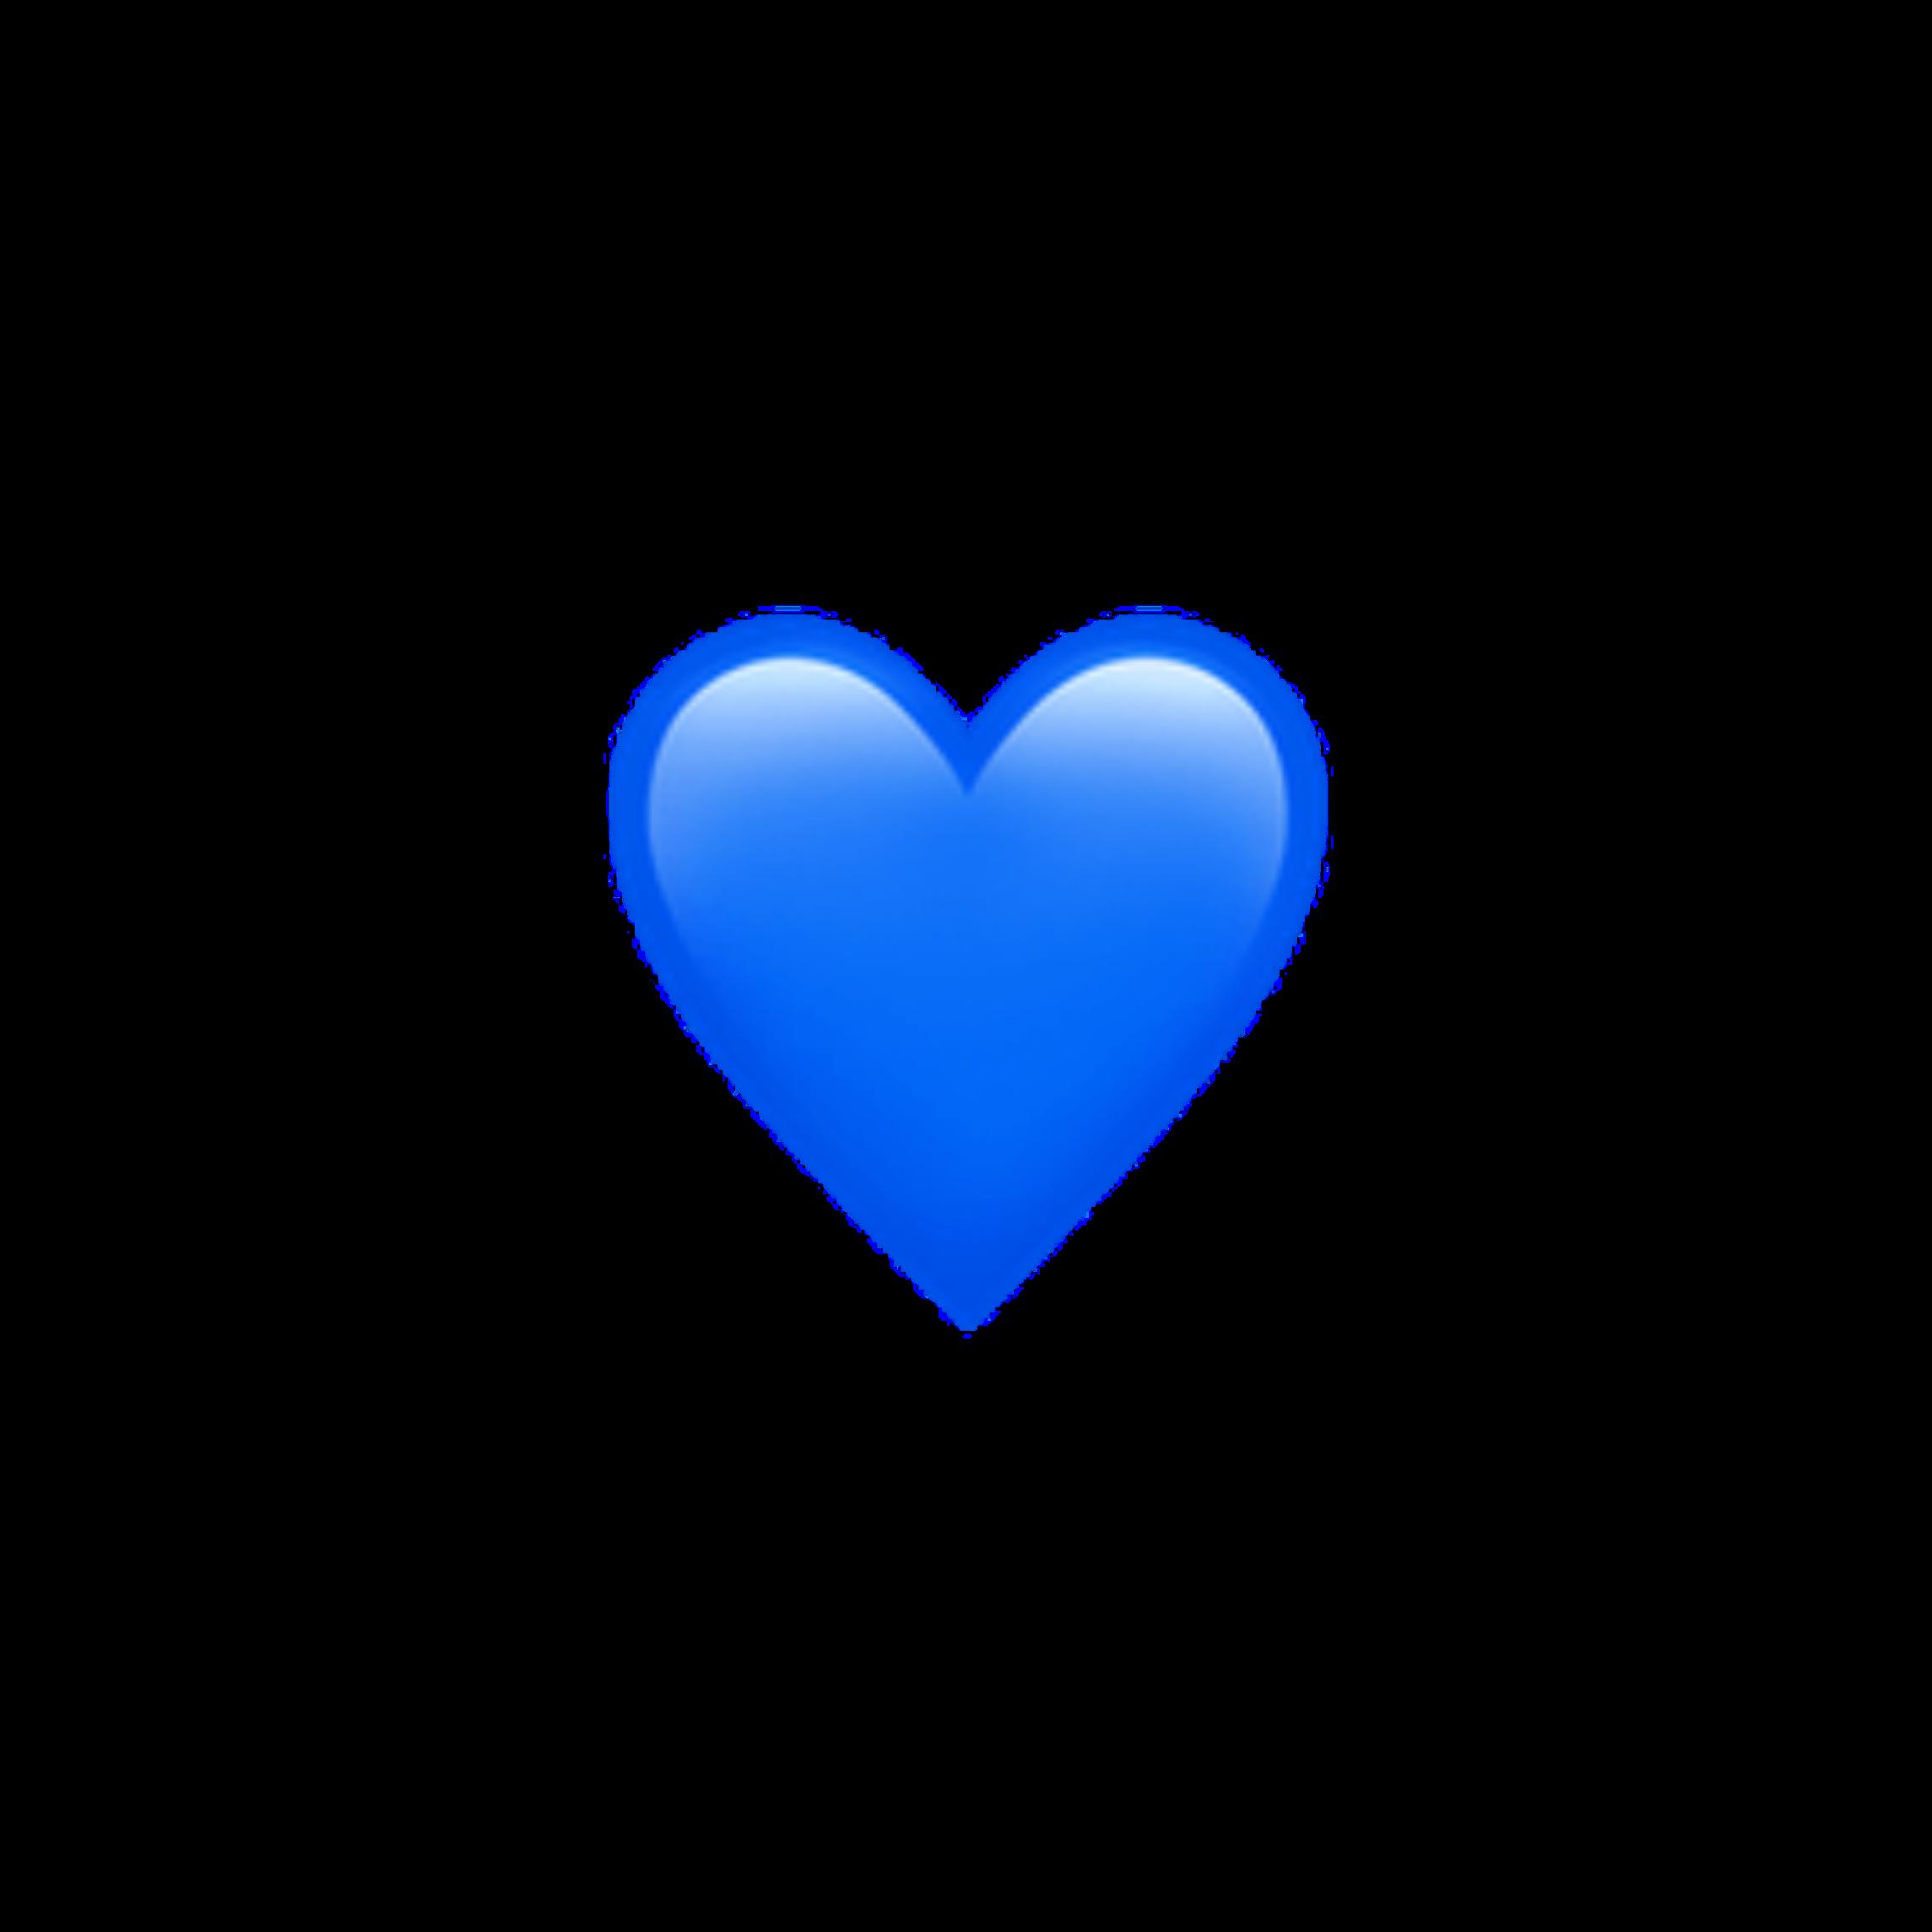 blue heart hearts emoji apple imoji applemoji...